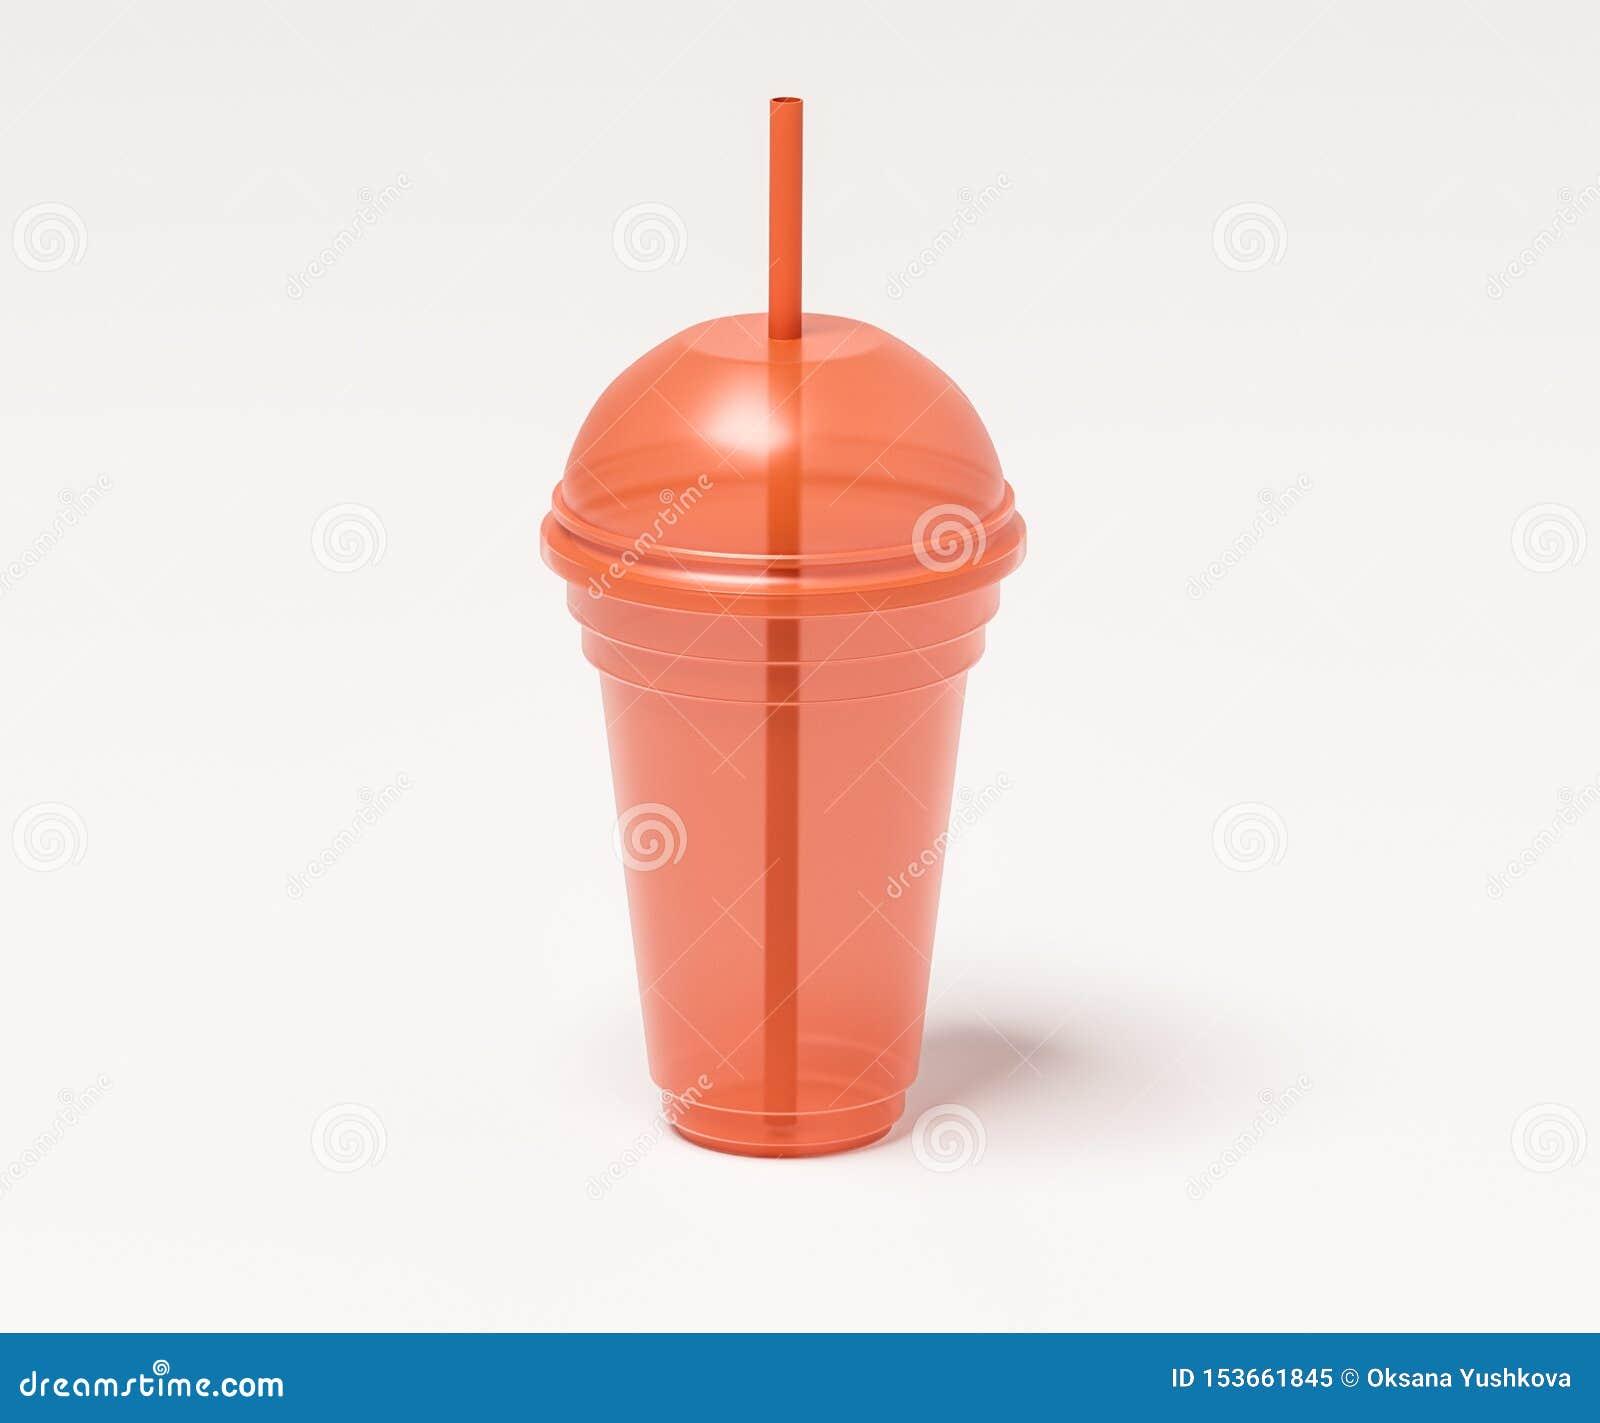 Transparente Plastikschale für Getränke der orange Farbe mit einem Röhrchen